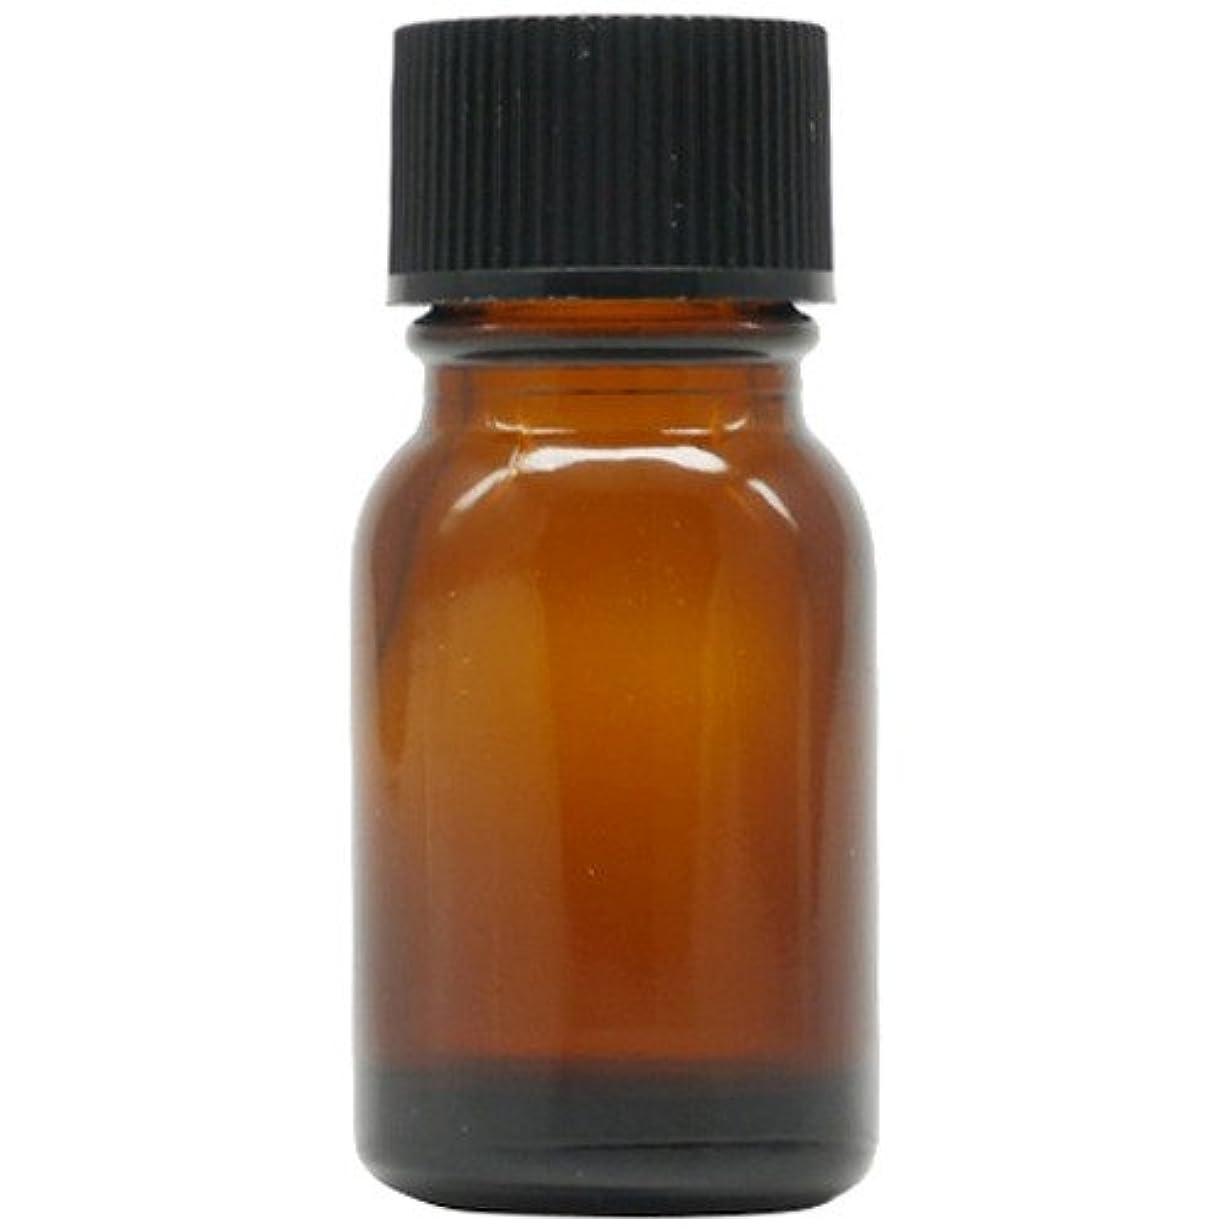 硫黄噛むブランクアロマアンドライフ (D)茶瓶中止栓10ml 3本セット